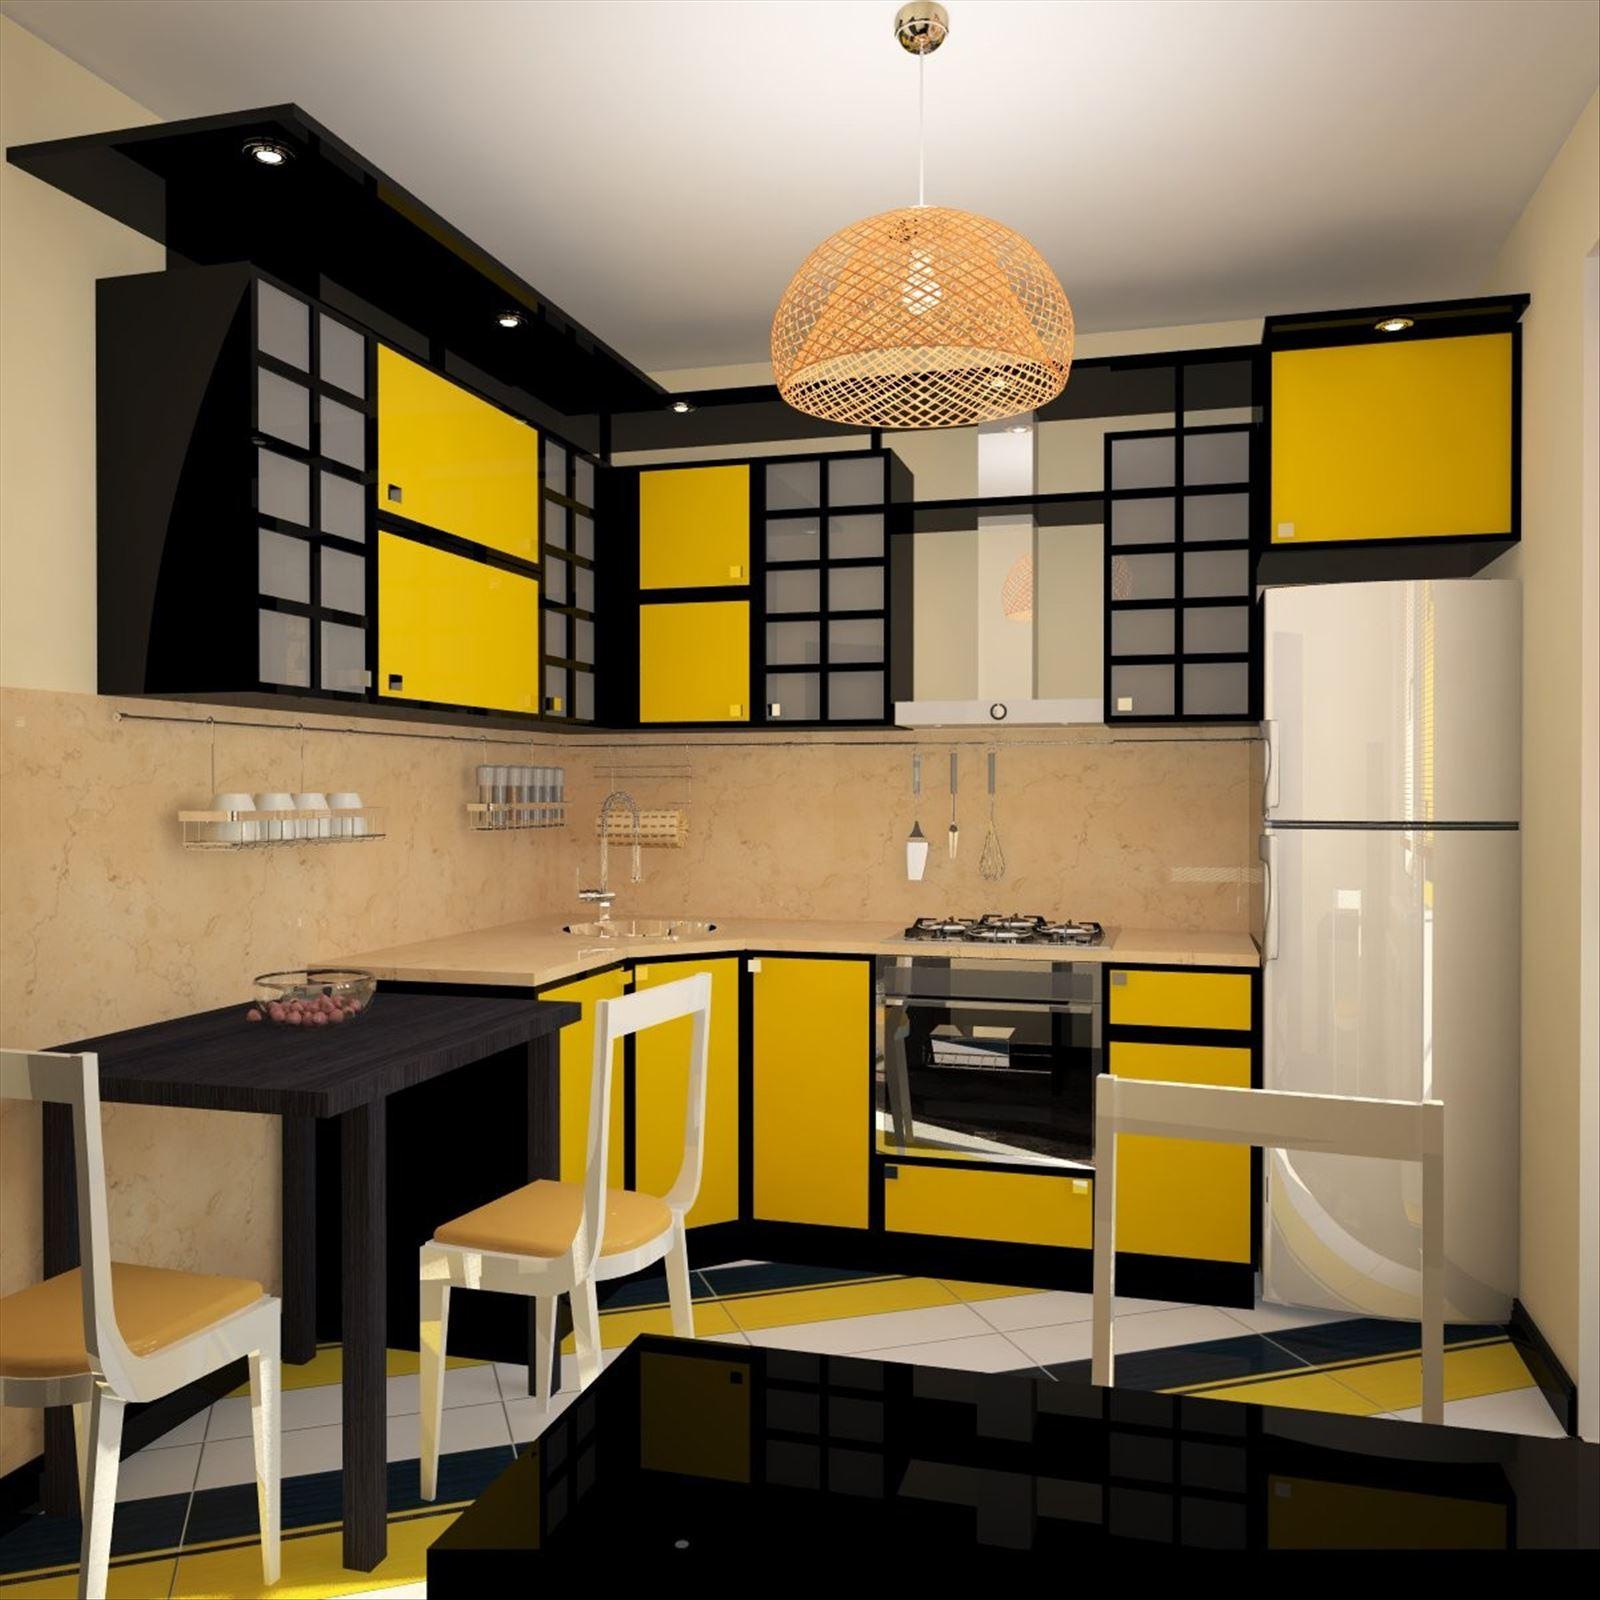 Дизайн кухни желтого цвета фото